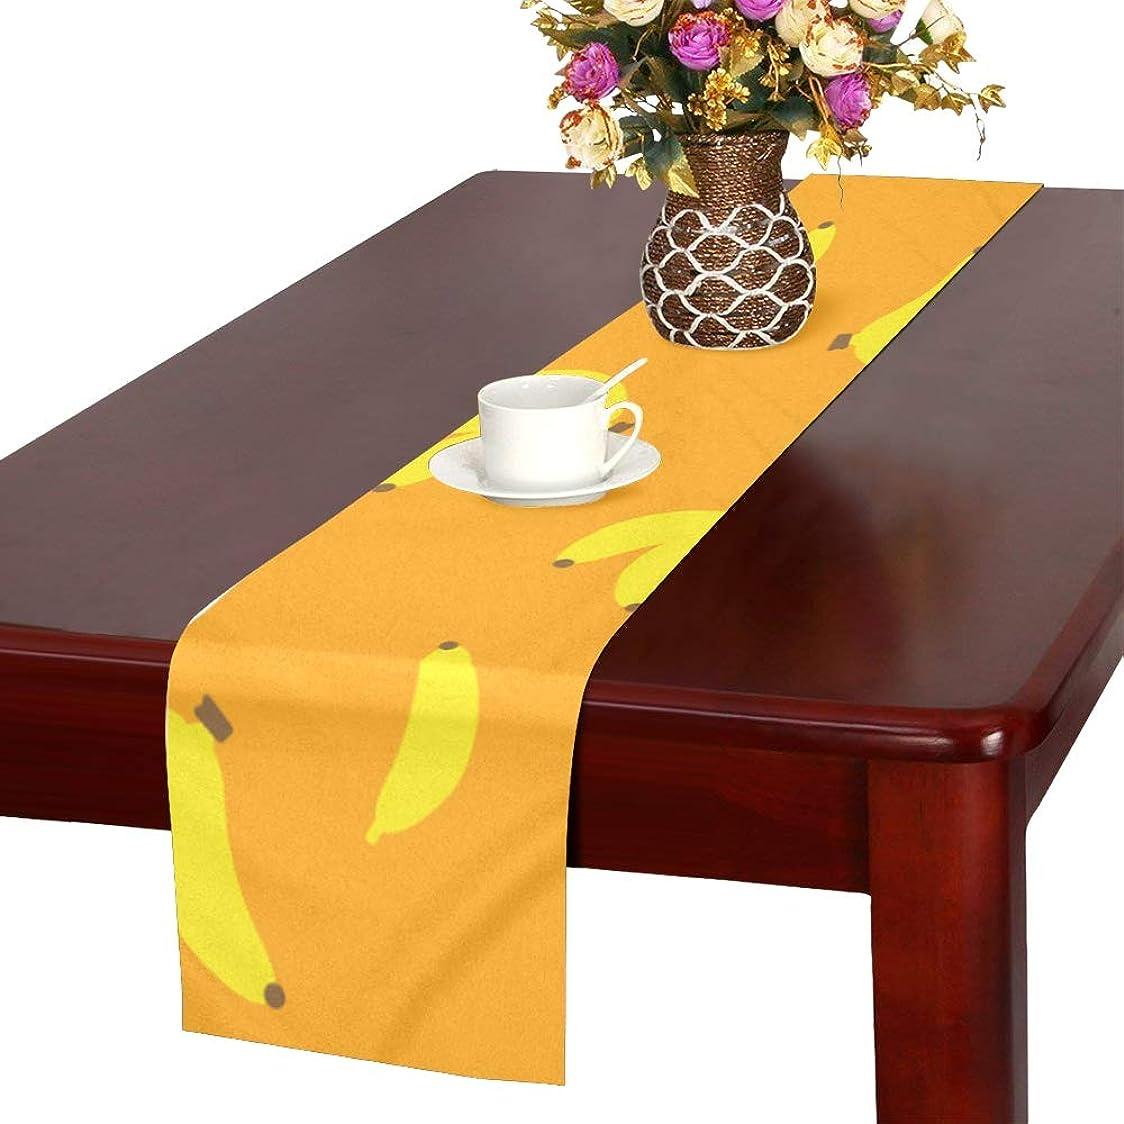 敬不明瞭明確なLKCDNG テーブルランナー 新鮮なバナナ クロス 食卓カバー 麻綿製 欧米 おしゃれ 16 Inch X 72 Inch (40cm X 182cm) キッチン ダイニング ホーム デコレーション モダン リビング 洗える